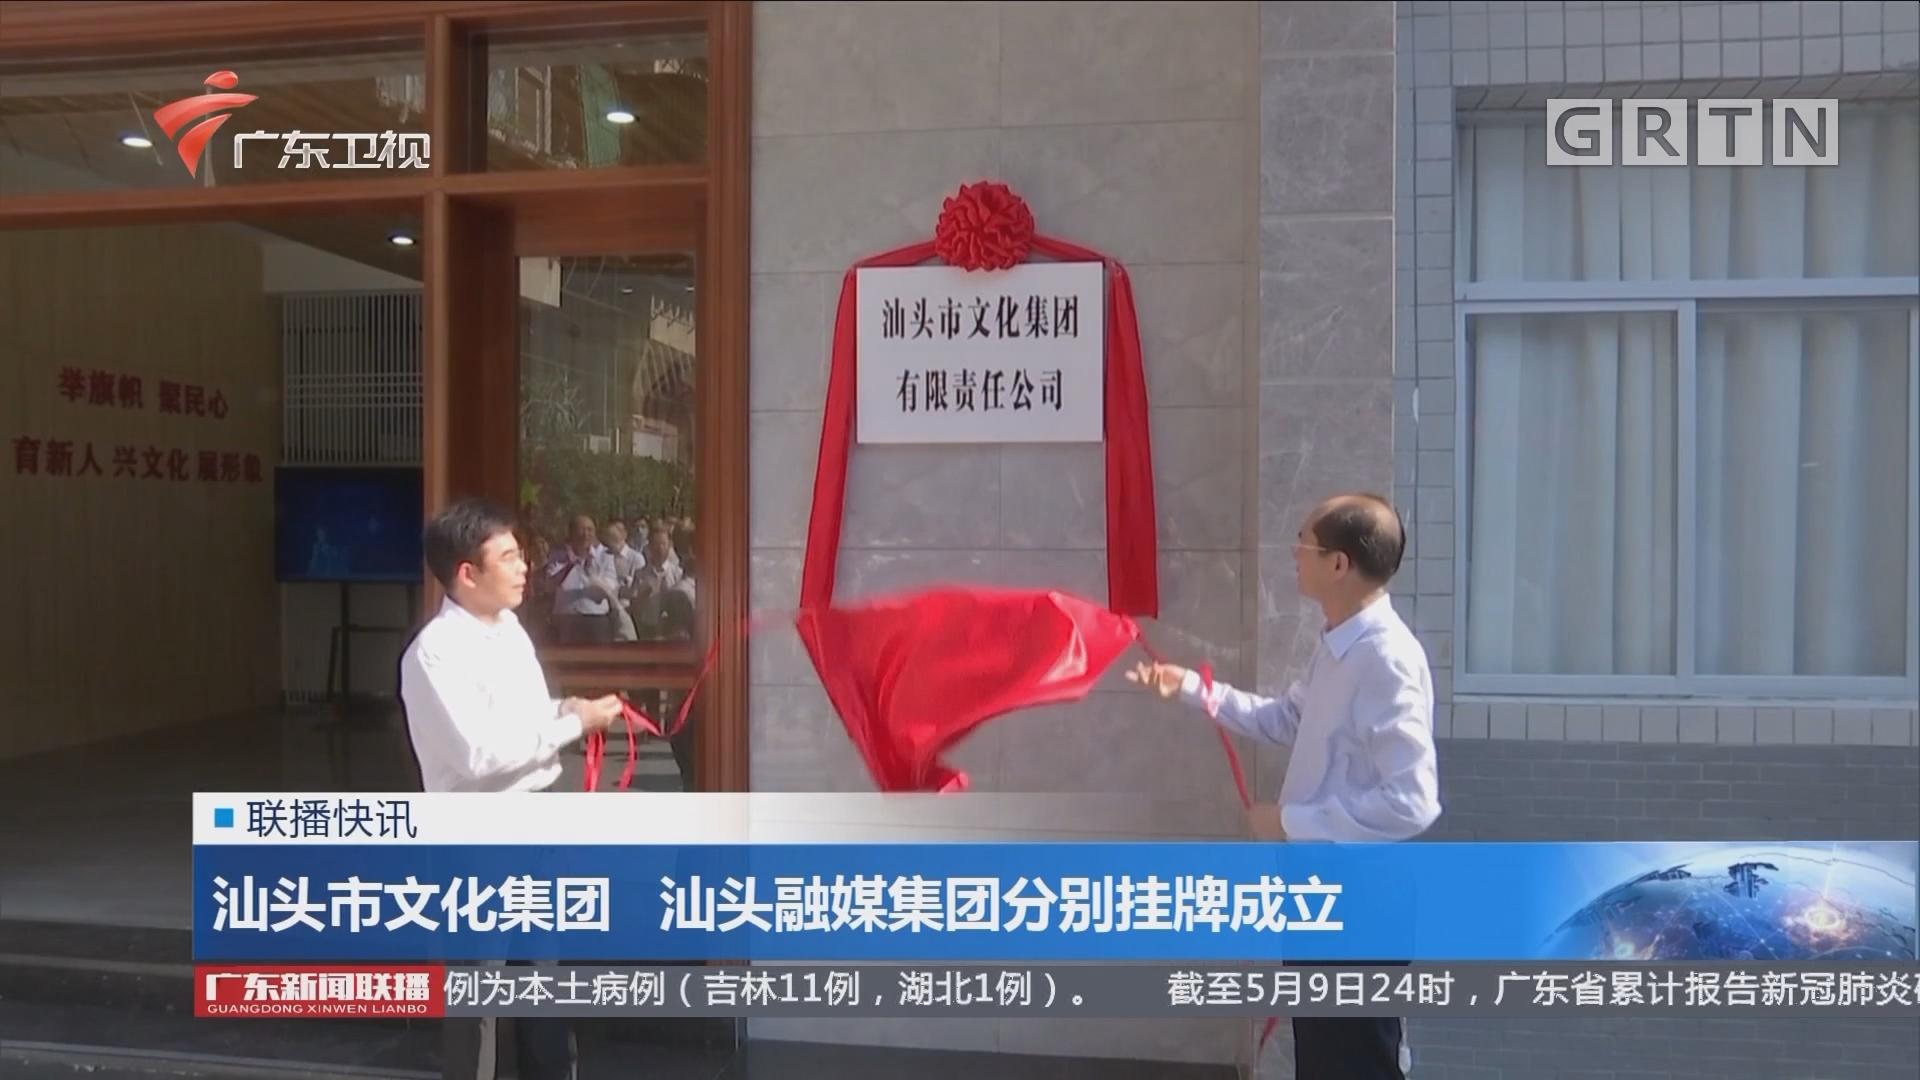 汕頭市文化集團 汕頭融媒集團分別掛牌成立